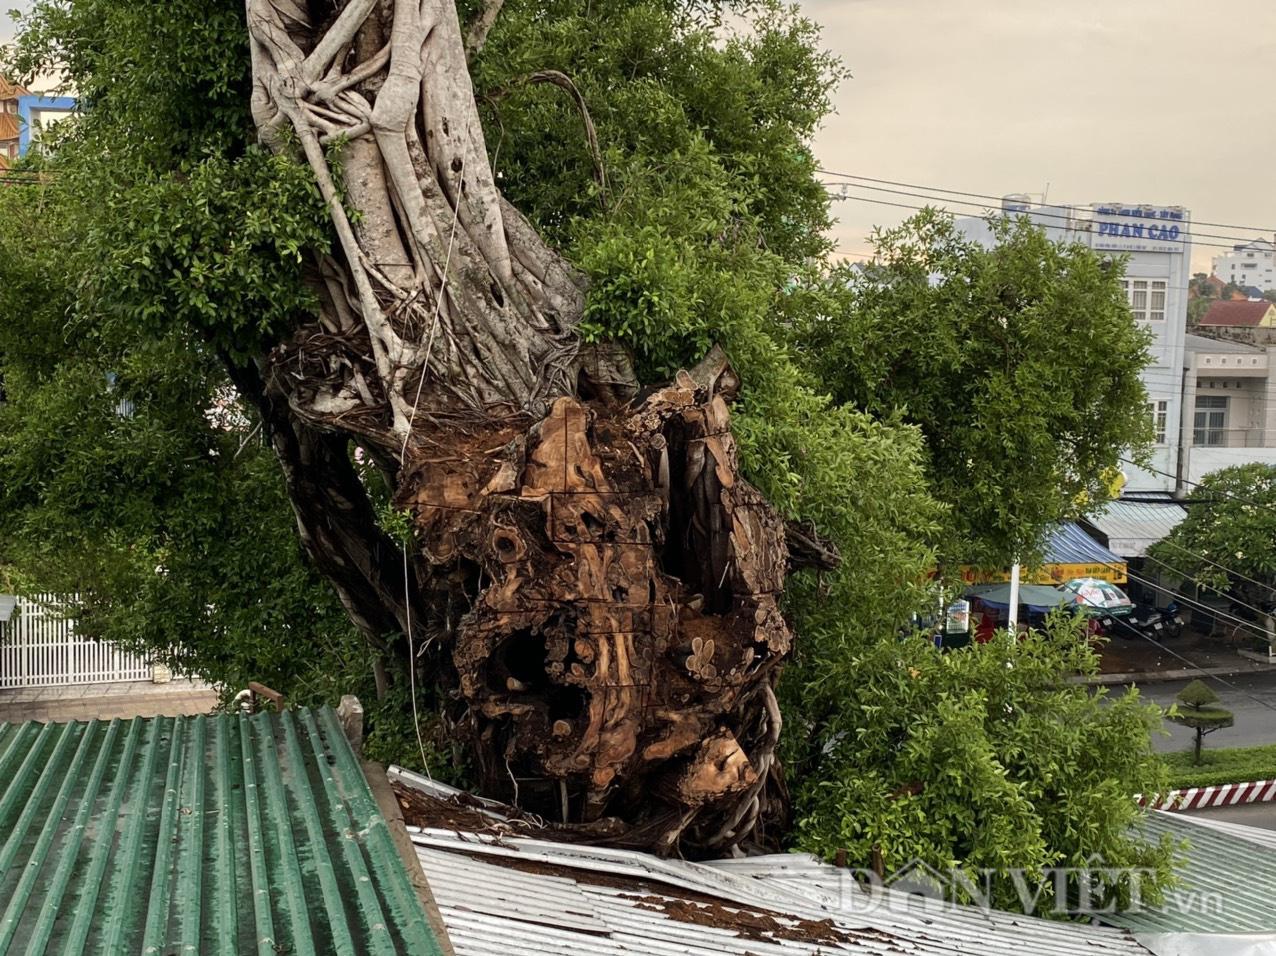 Đồng Tháp: Dời nhà dân để nhường sự sống cho cây da hơn 100 tuổi  - Ảnh 3.